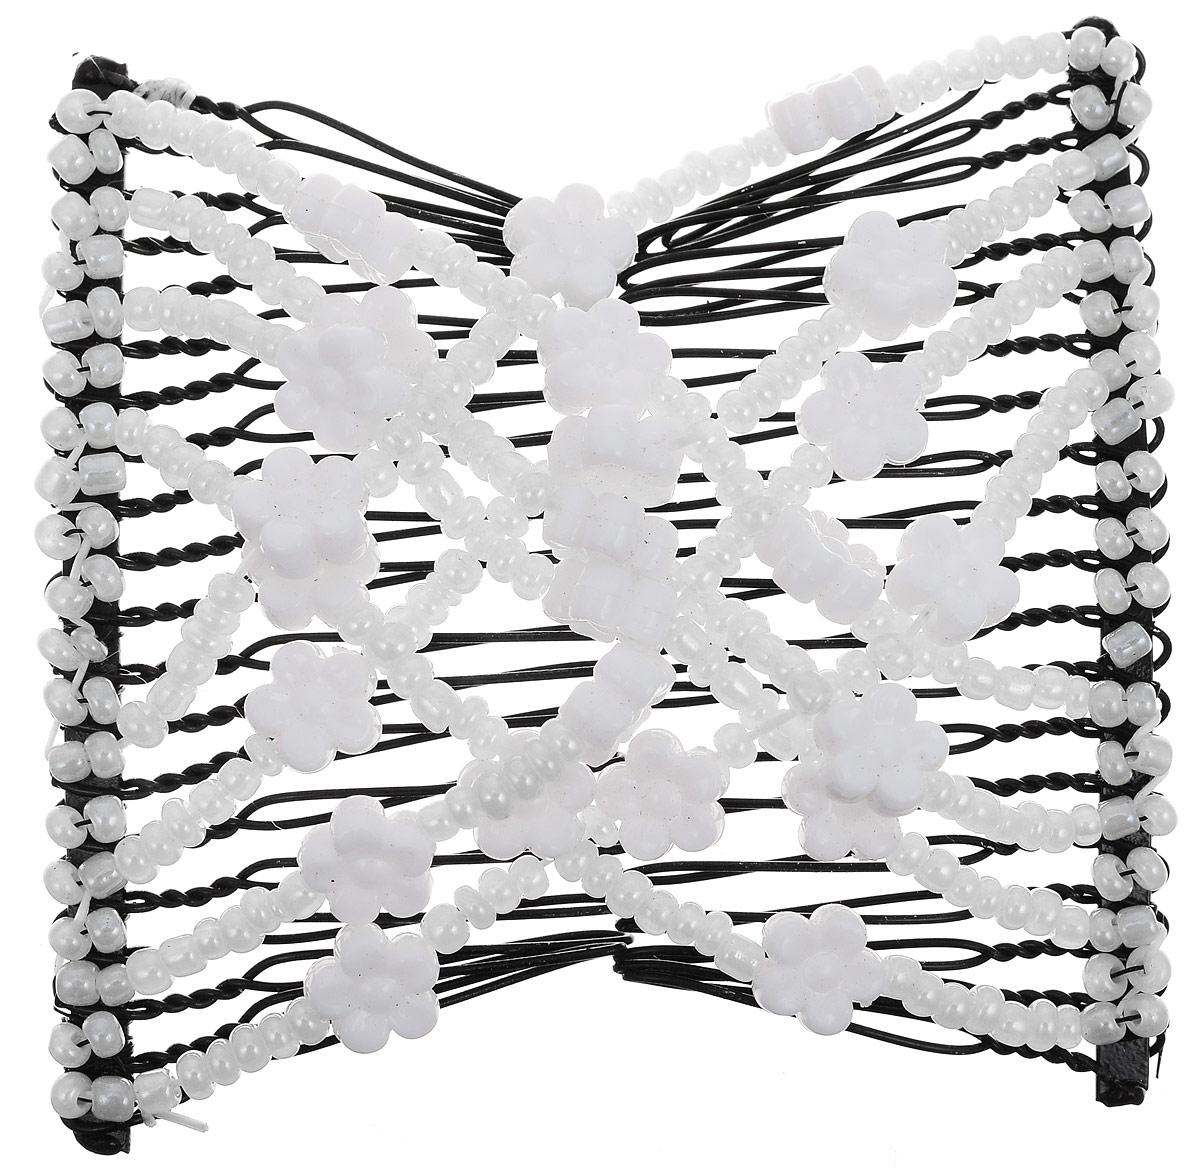 EZ-Combs Заколка Изи-Комбс, одинарная, цвет: белый, черный. ЗИО_жемчугMP59.4DУдобная и практичная EZ-Combs подходит для любого типа волос: тонких, жестких, вьющихся или прямых, и не наносит им никакого вреда. Заколка не мешает движениям головы и не создает дискомфорта, когда вы отдыхаете или управляете автомобилем. Каждый гребень имеет по 20 зубьев для надежной фиксации заколки на волосах! И даже во время бега и интенсивных тренировок в спортзале EZ-Combs не падает; она прочно фиксирует прическу, сохраняя укладку в первозданном виде.Небольшая и легкая заколка для волос EZ-Combs поместится в любой дамской сумочке, позволяя быстро и без особых усилий создавать неповторимые прически там, где вам это удобно. Гребень прекрасно сочетается с любой одеждой: будь это классический или спортивный стиль, завершая гармоничный облик современной леди. И неважно, какой образ жизни вы ведете, если у вас есть EZ-Combs, вы всегда будете выглядеть потрясающе.